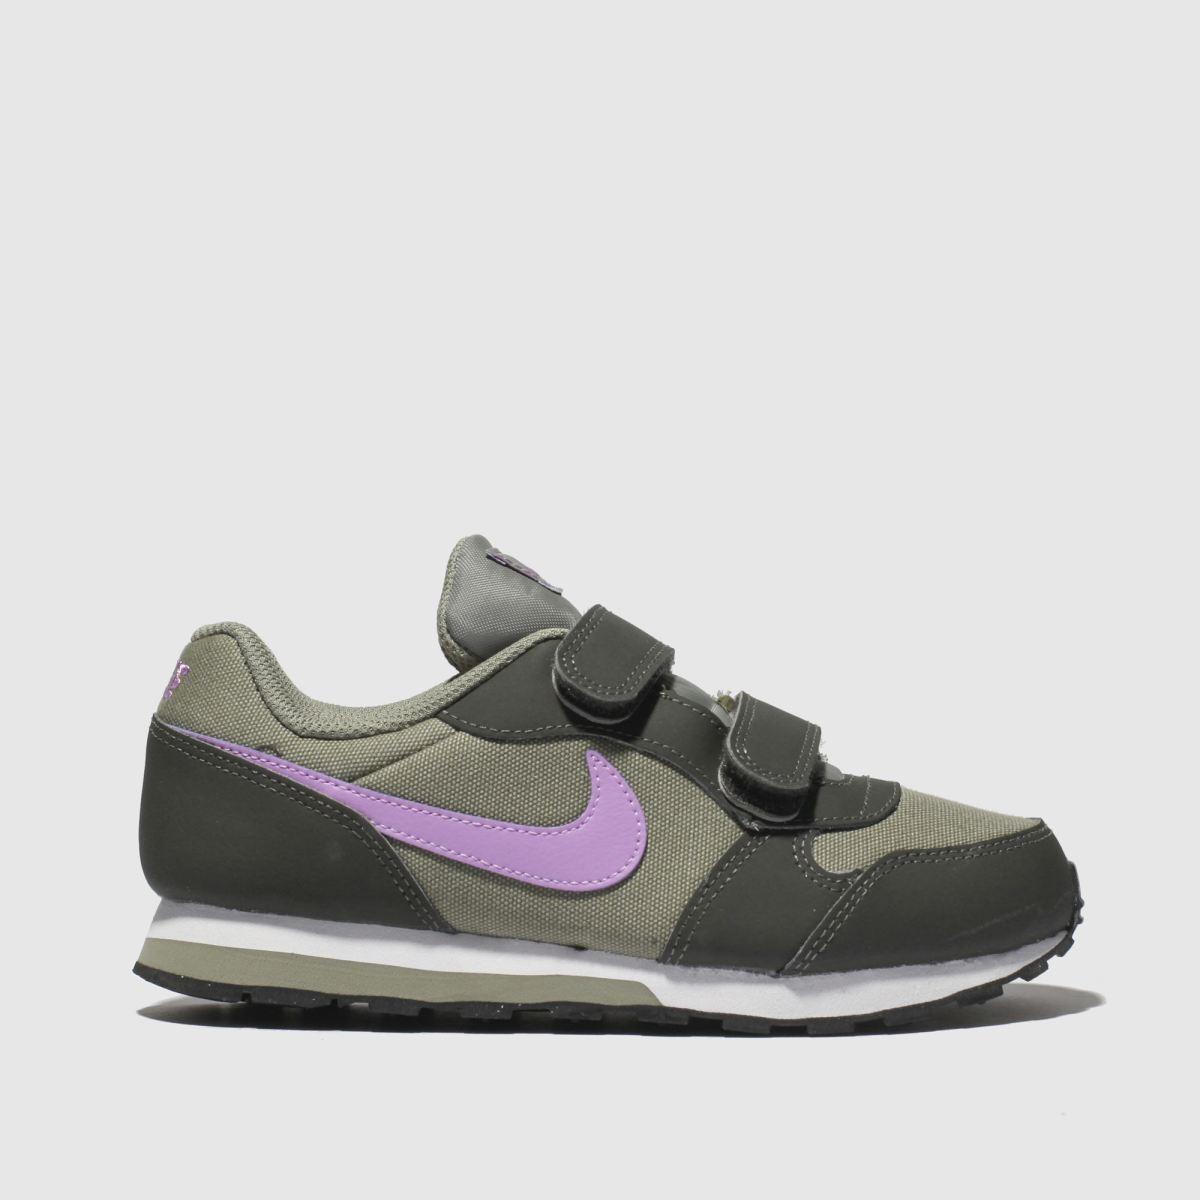 Nike Khaki Md Runner 2 Trainers Junior